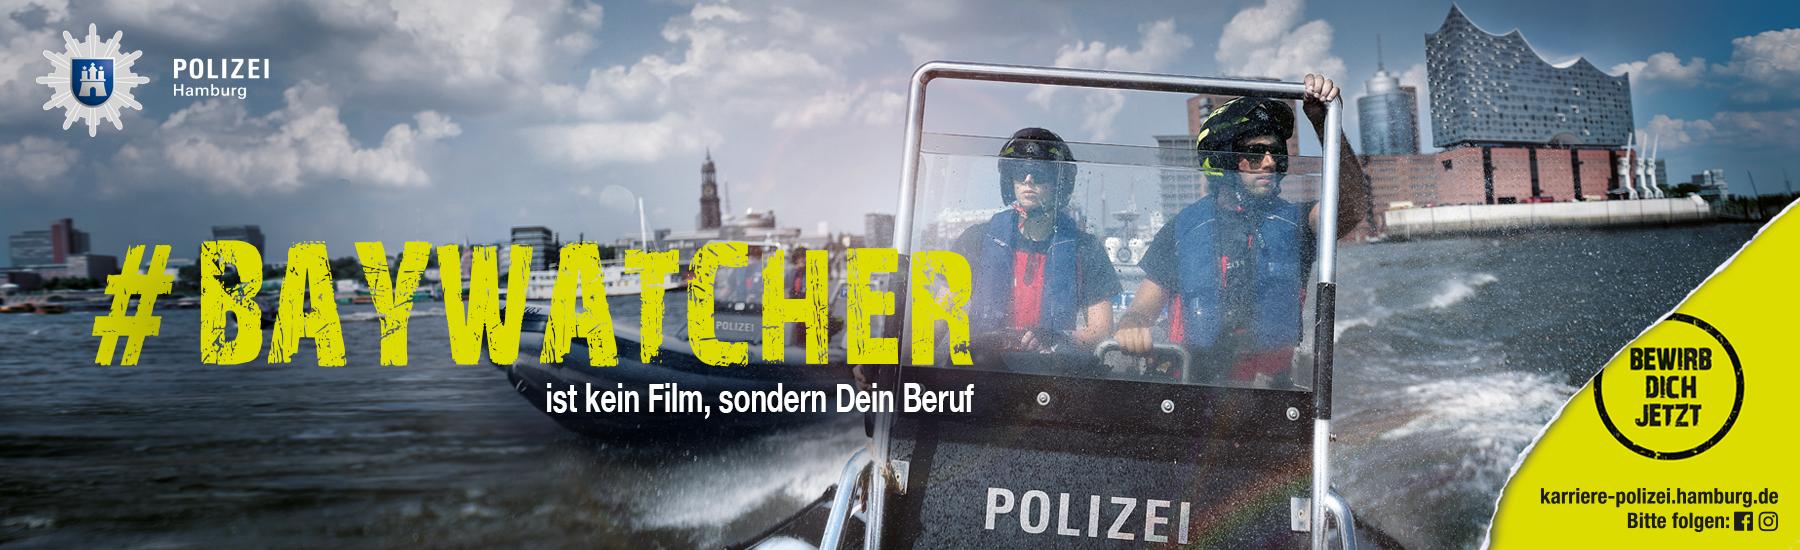 Ausbildung Polizei Hamburg Freie Ausbildungsplätze